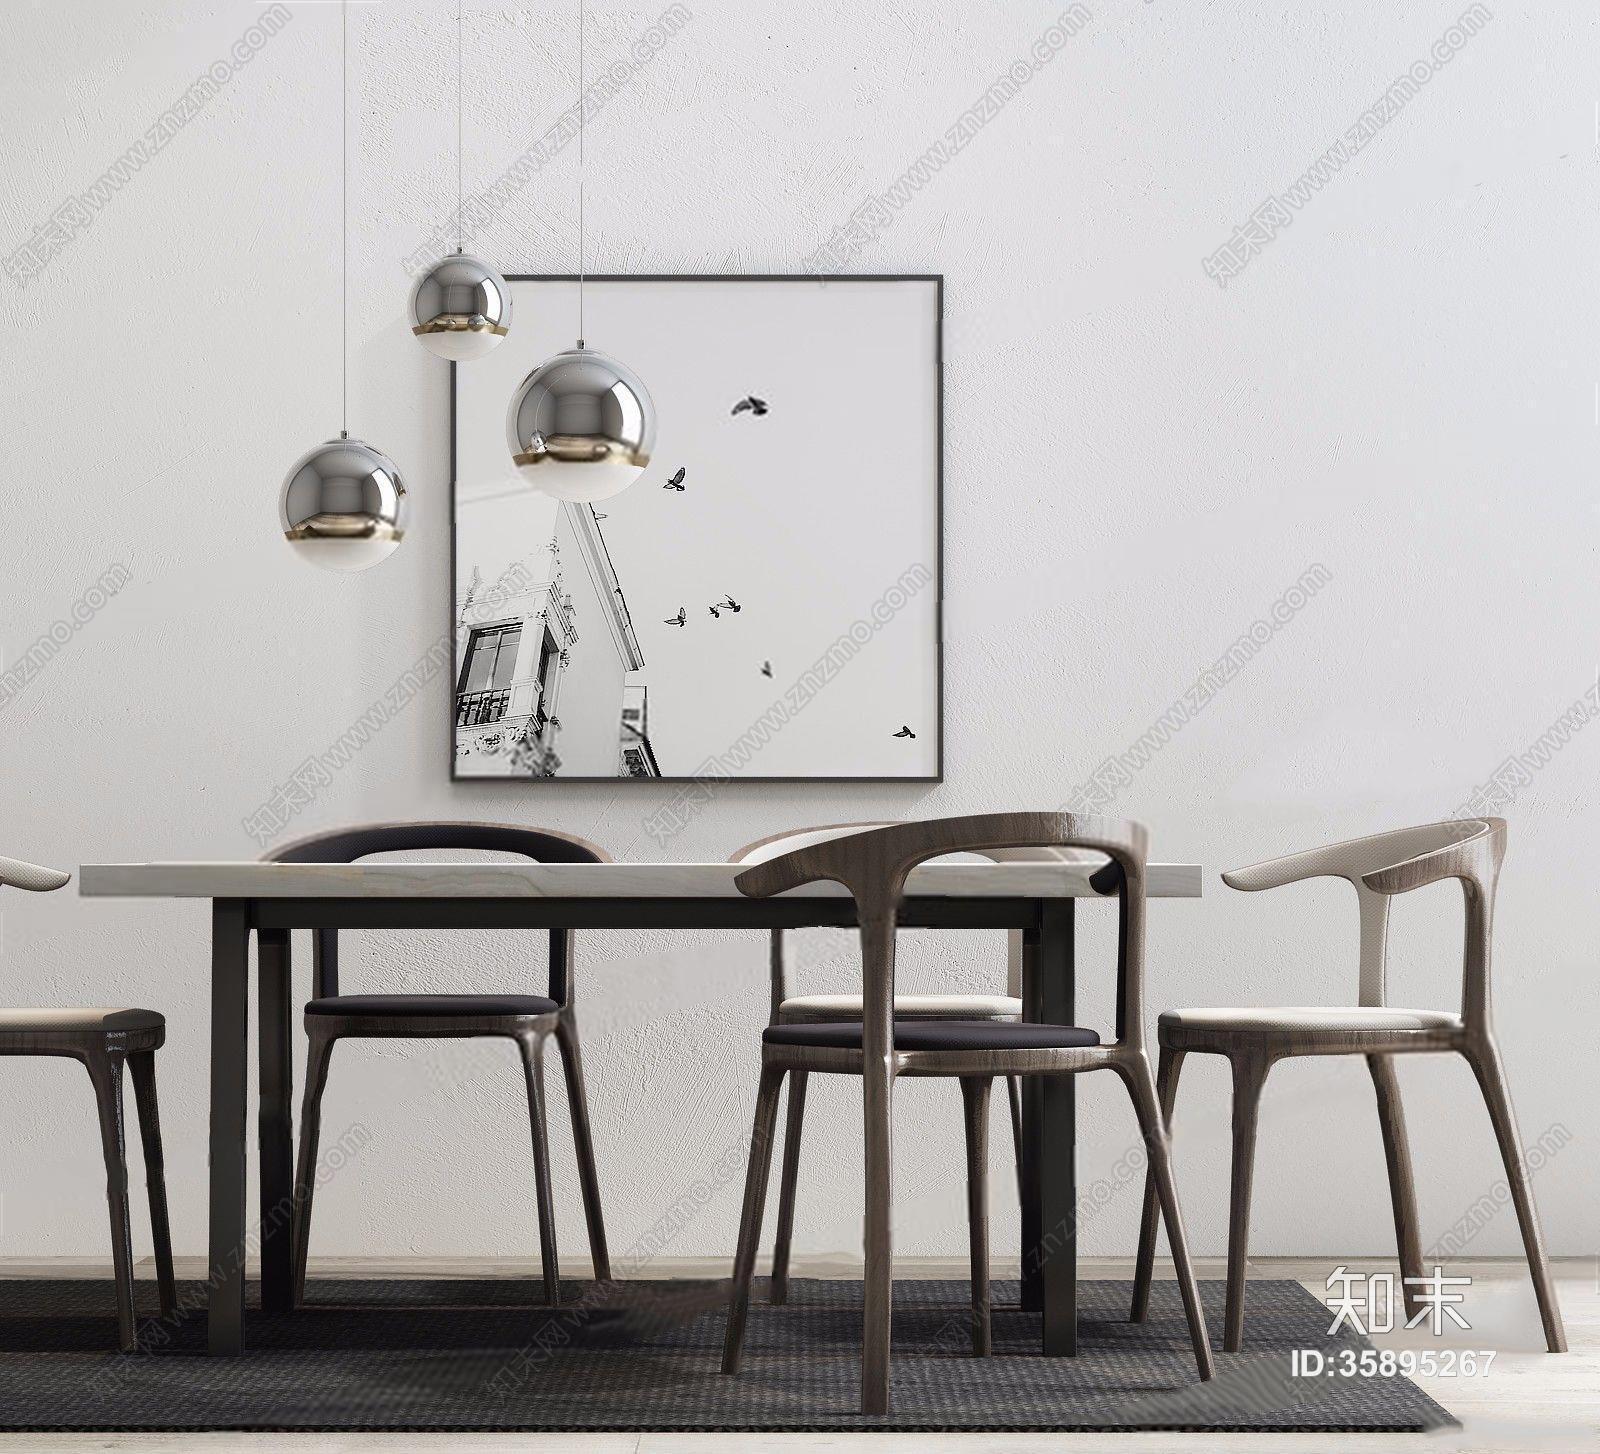 新中式餐桌椅组合 新中式餐桌椅 长桌子 单椅 餐椅 吊灯 挂画